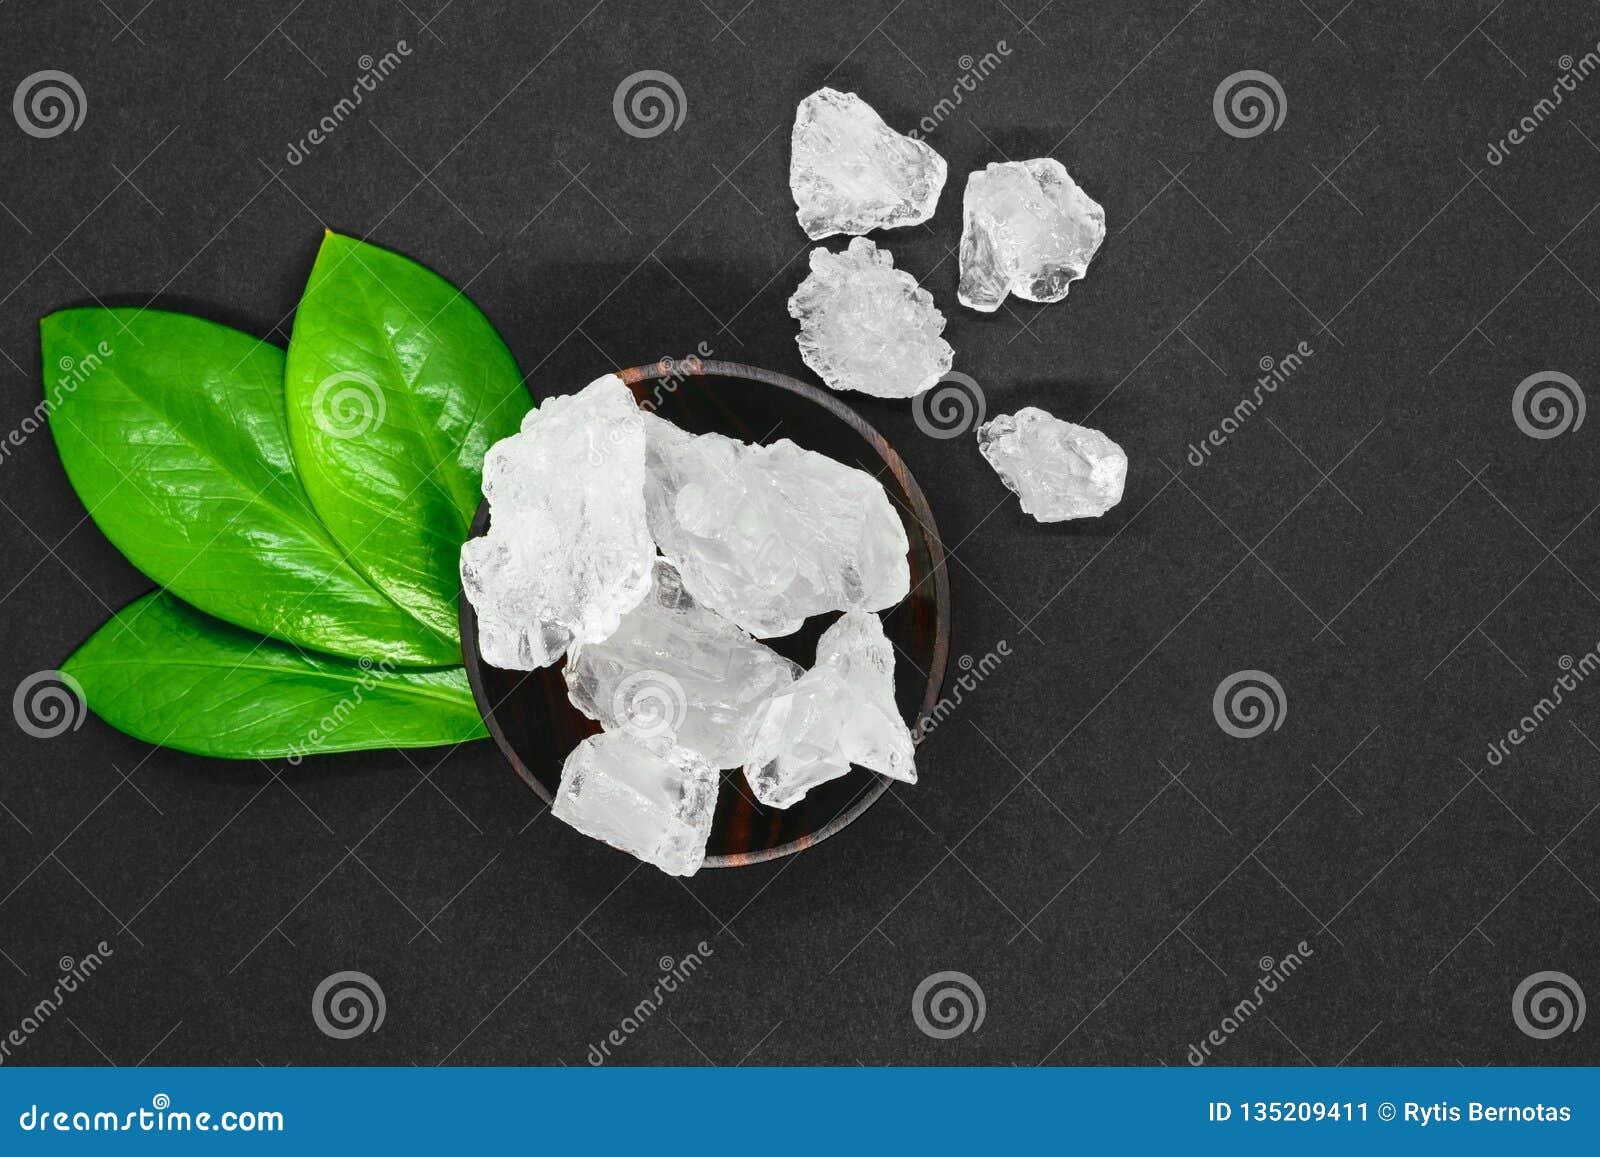 Αφηρημένη σύνθεση των πράσινων φύλλων, του ξύλινου σκοτεινού κύπελλου και των μεγάλων αλατισμένων κρυστάλλων ζάχαρης ή στο γκρίζο